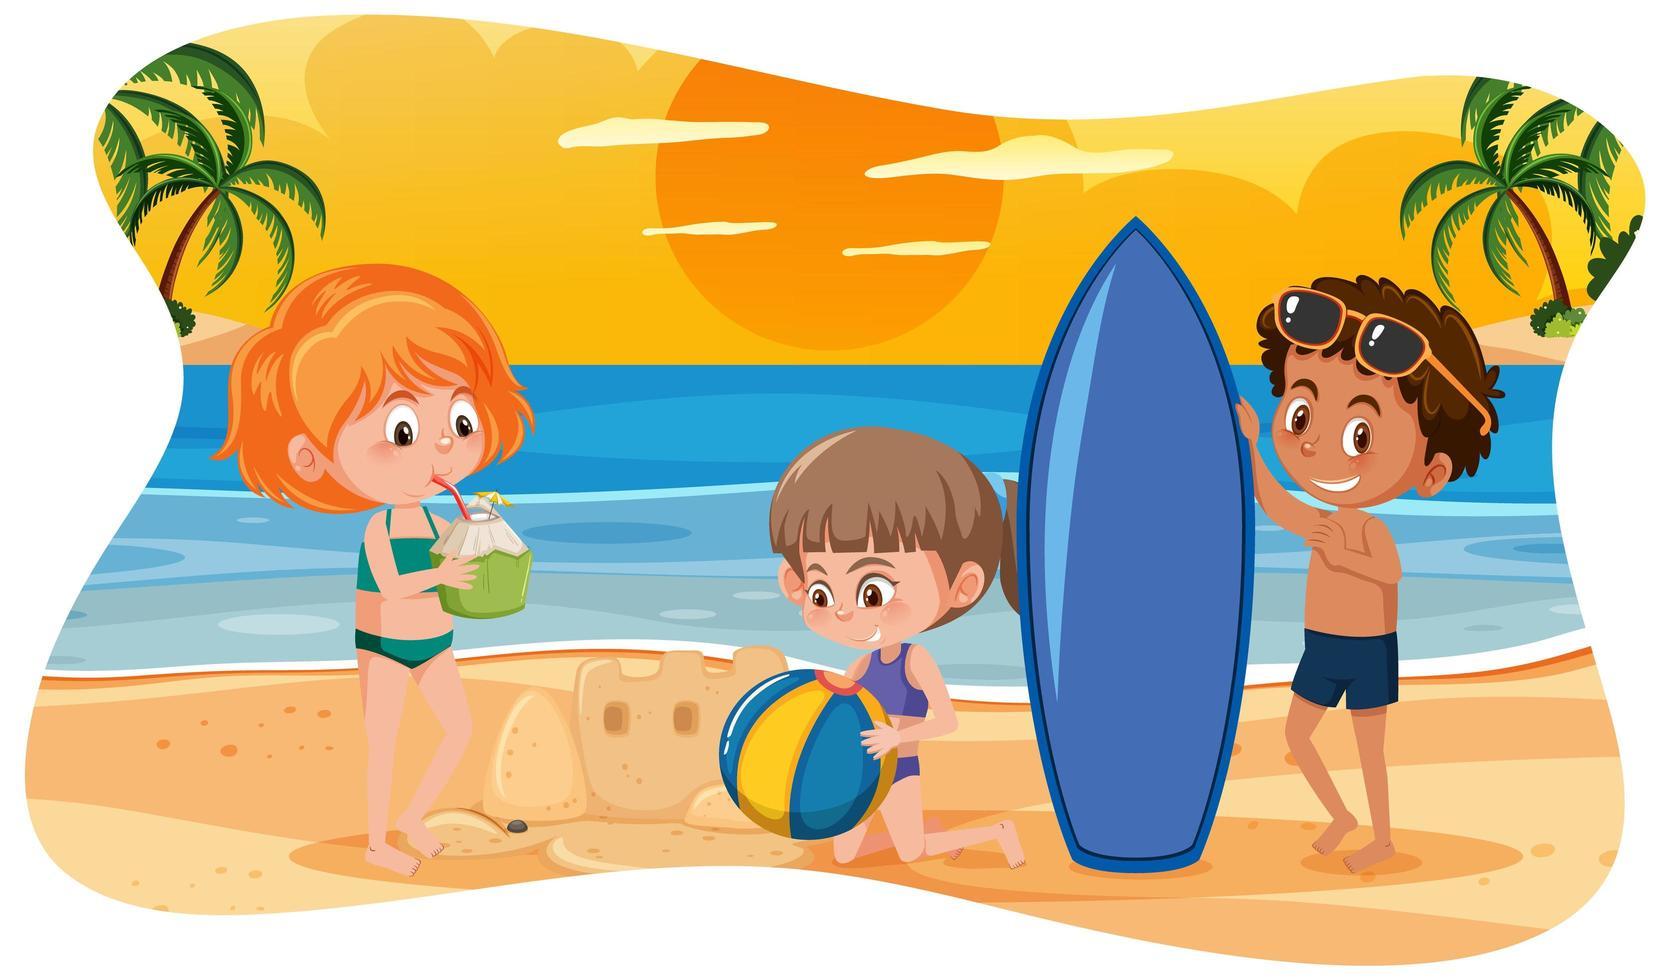 bambini felici in spiaggia vettore